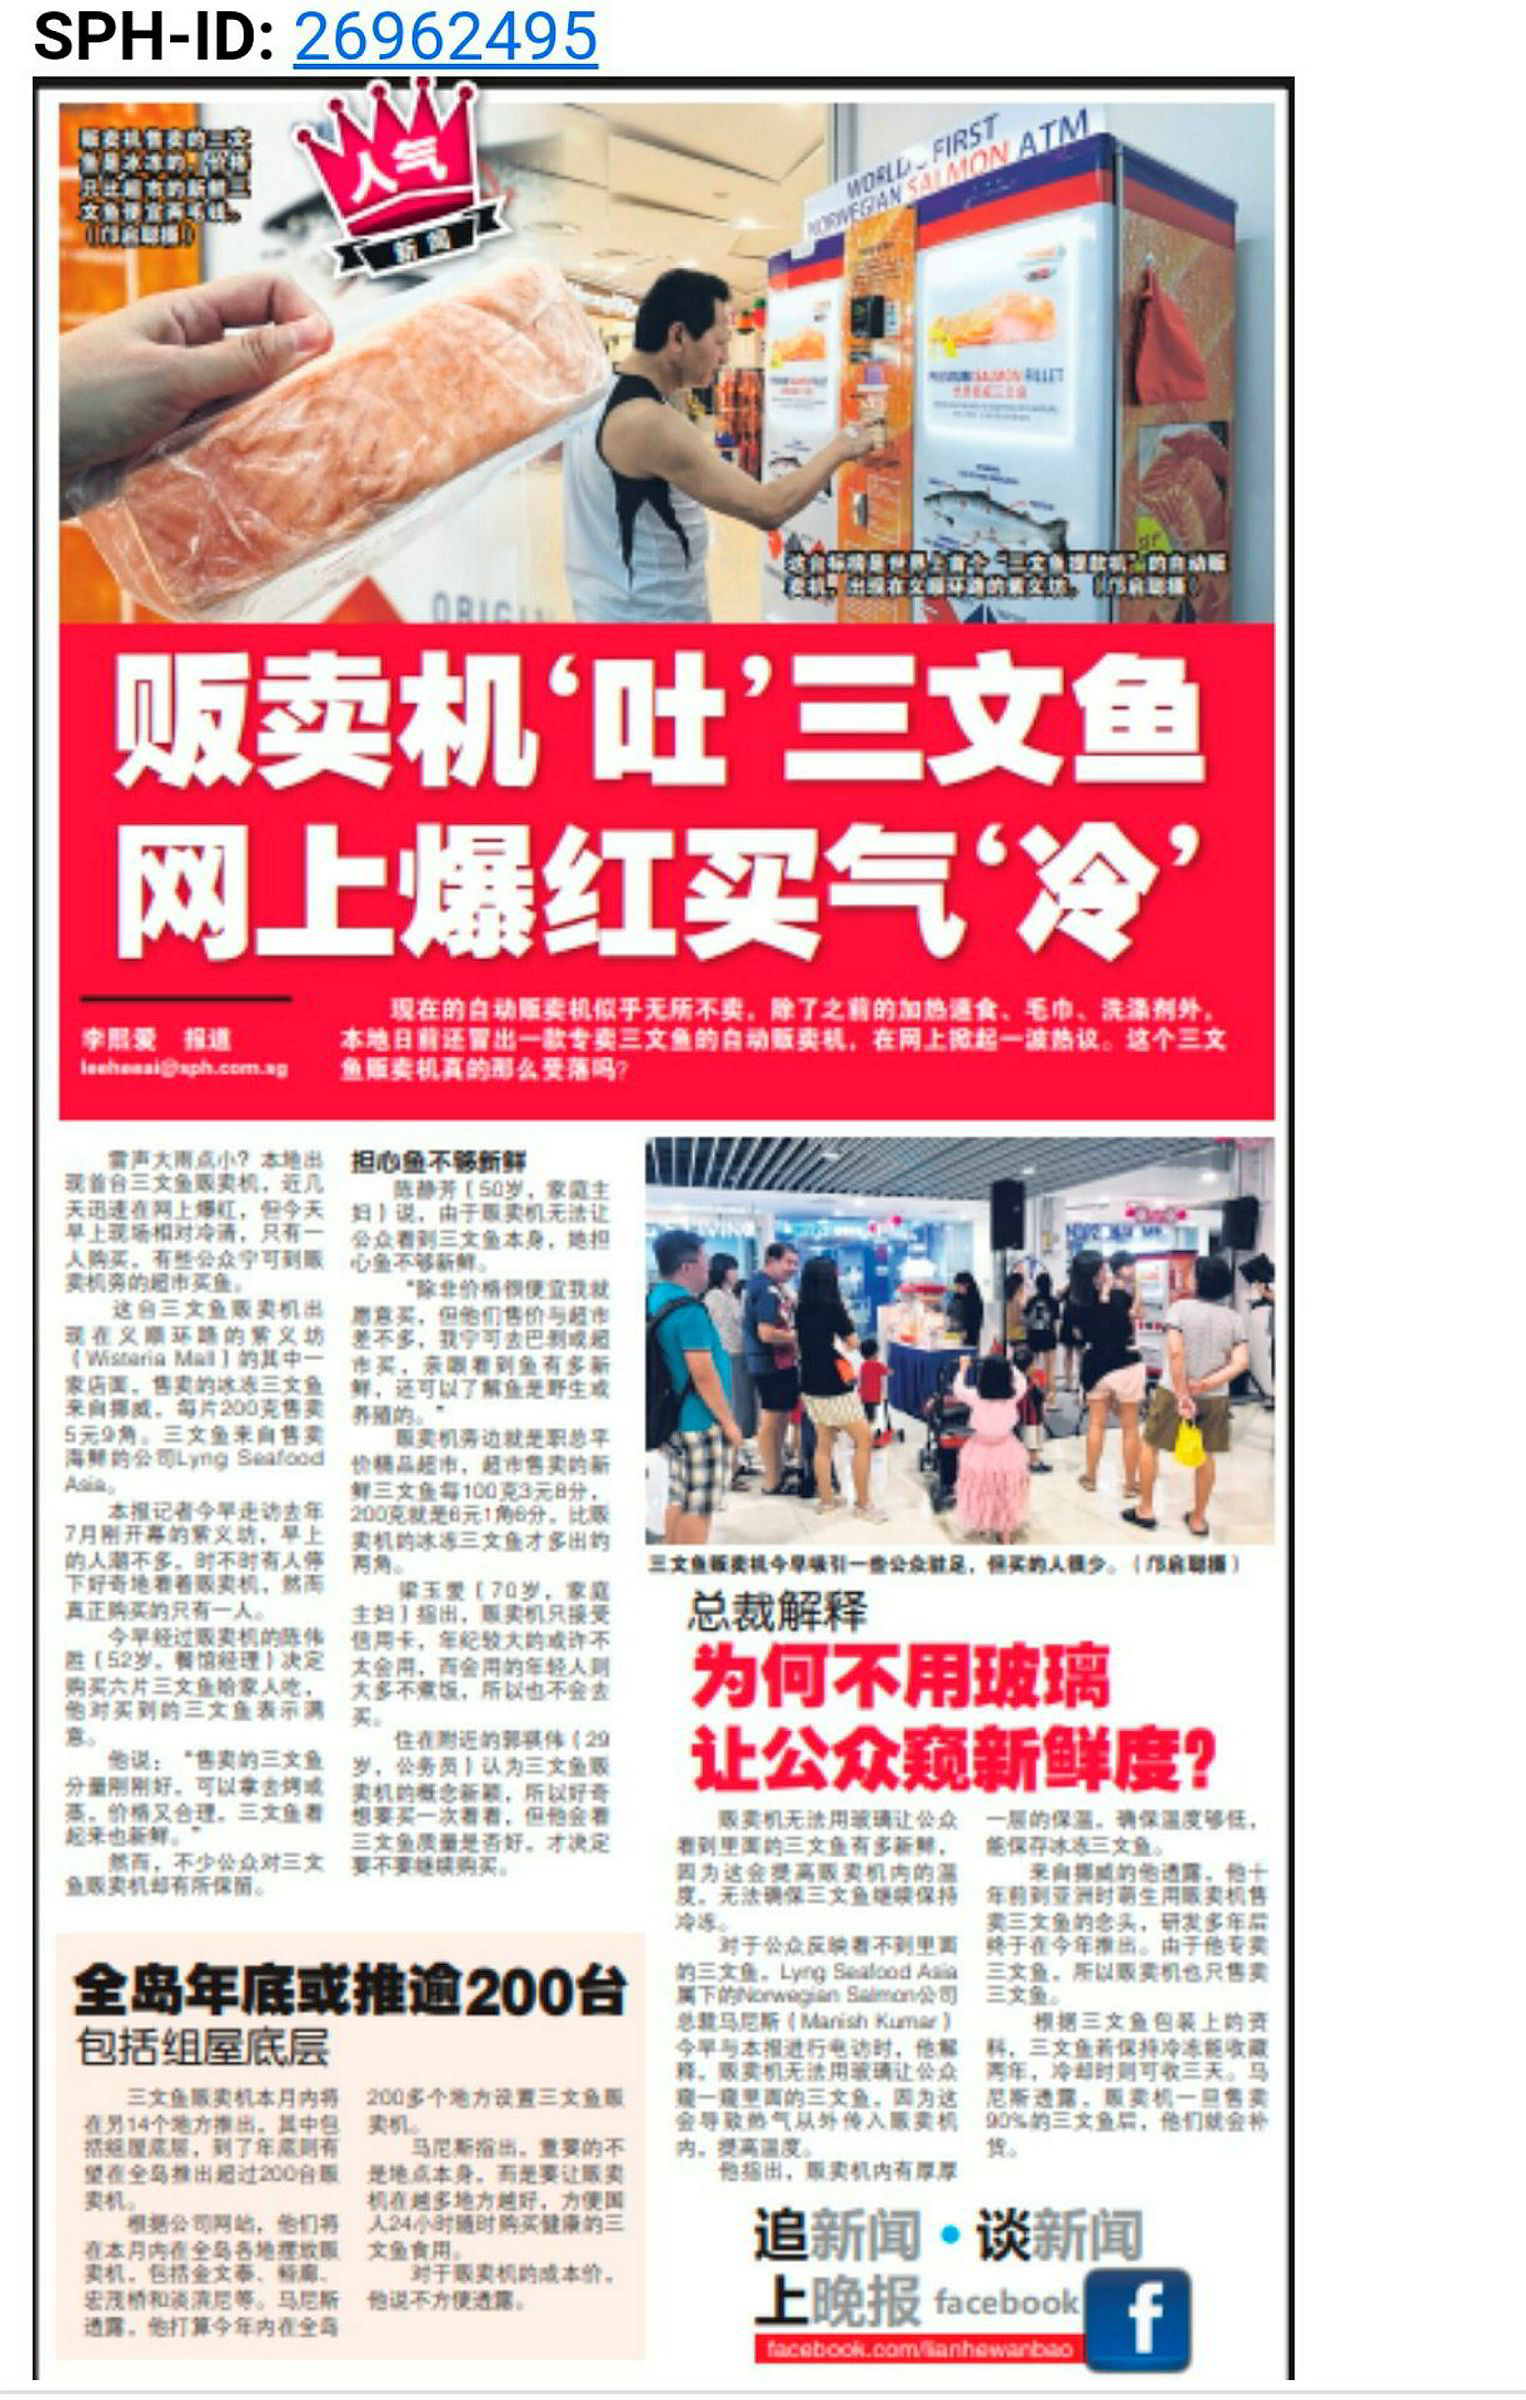 Interessen for de nye lakseautomatene har vært stor og innovasjonen er allerede omtalt i kinesisk presse.